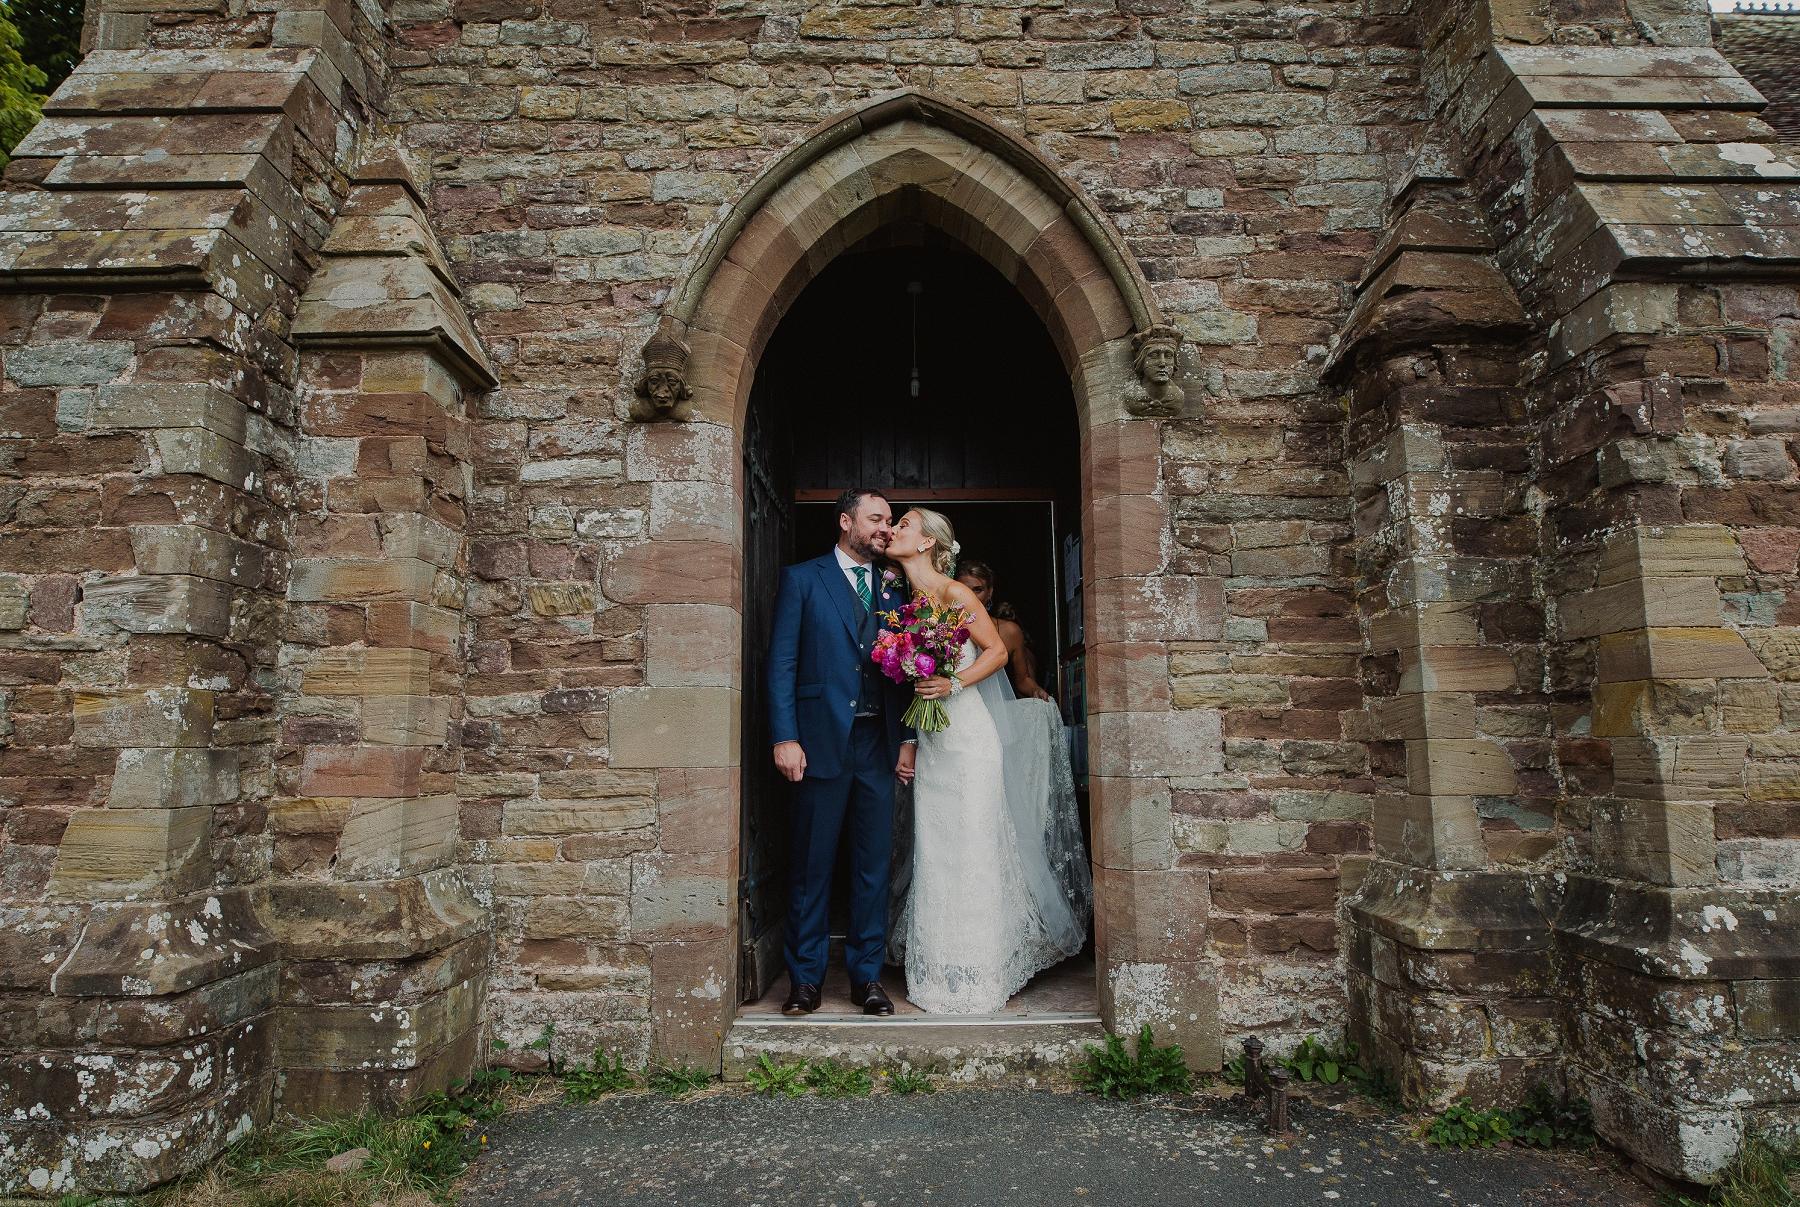 andy_jennie_orleton_court_wedding_0046.jpg